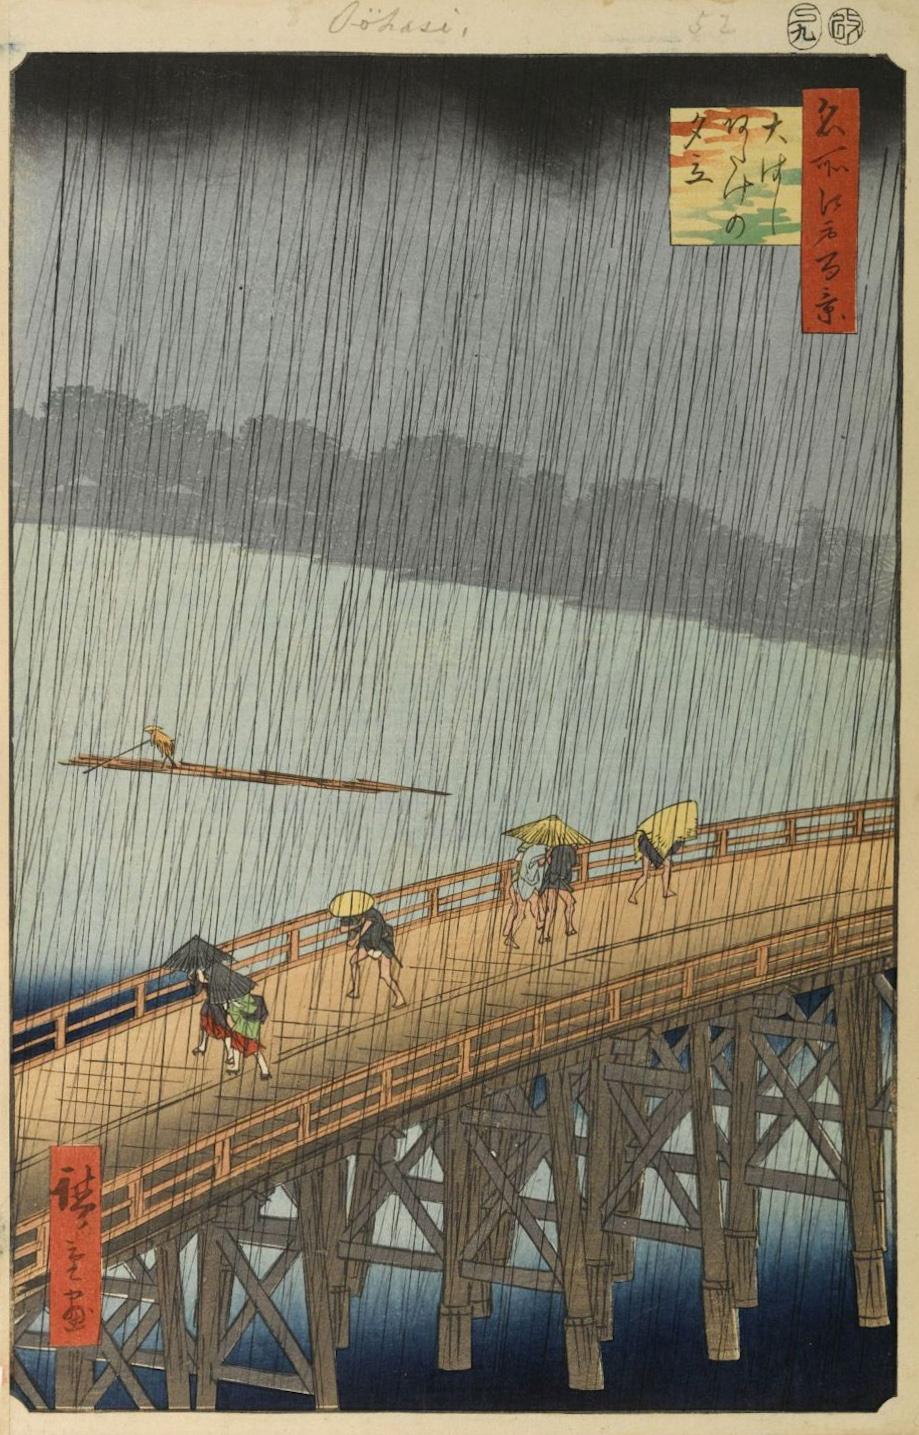 Tout Hiroshige et l'ukiyo-e en une œuvre